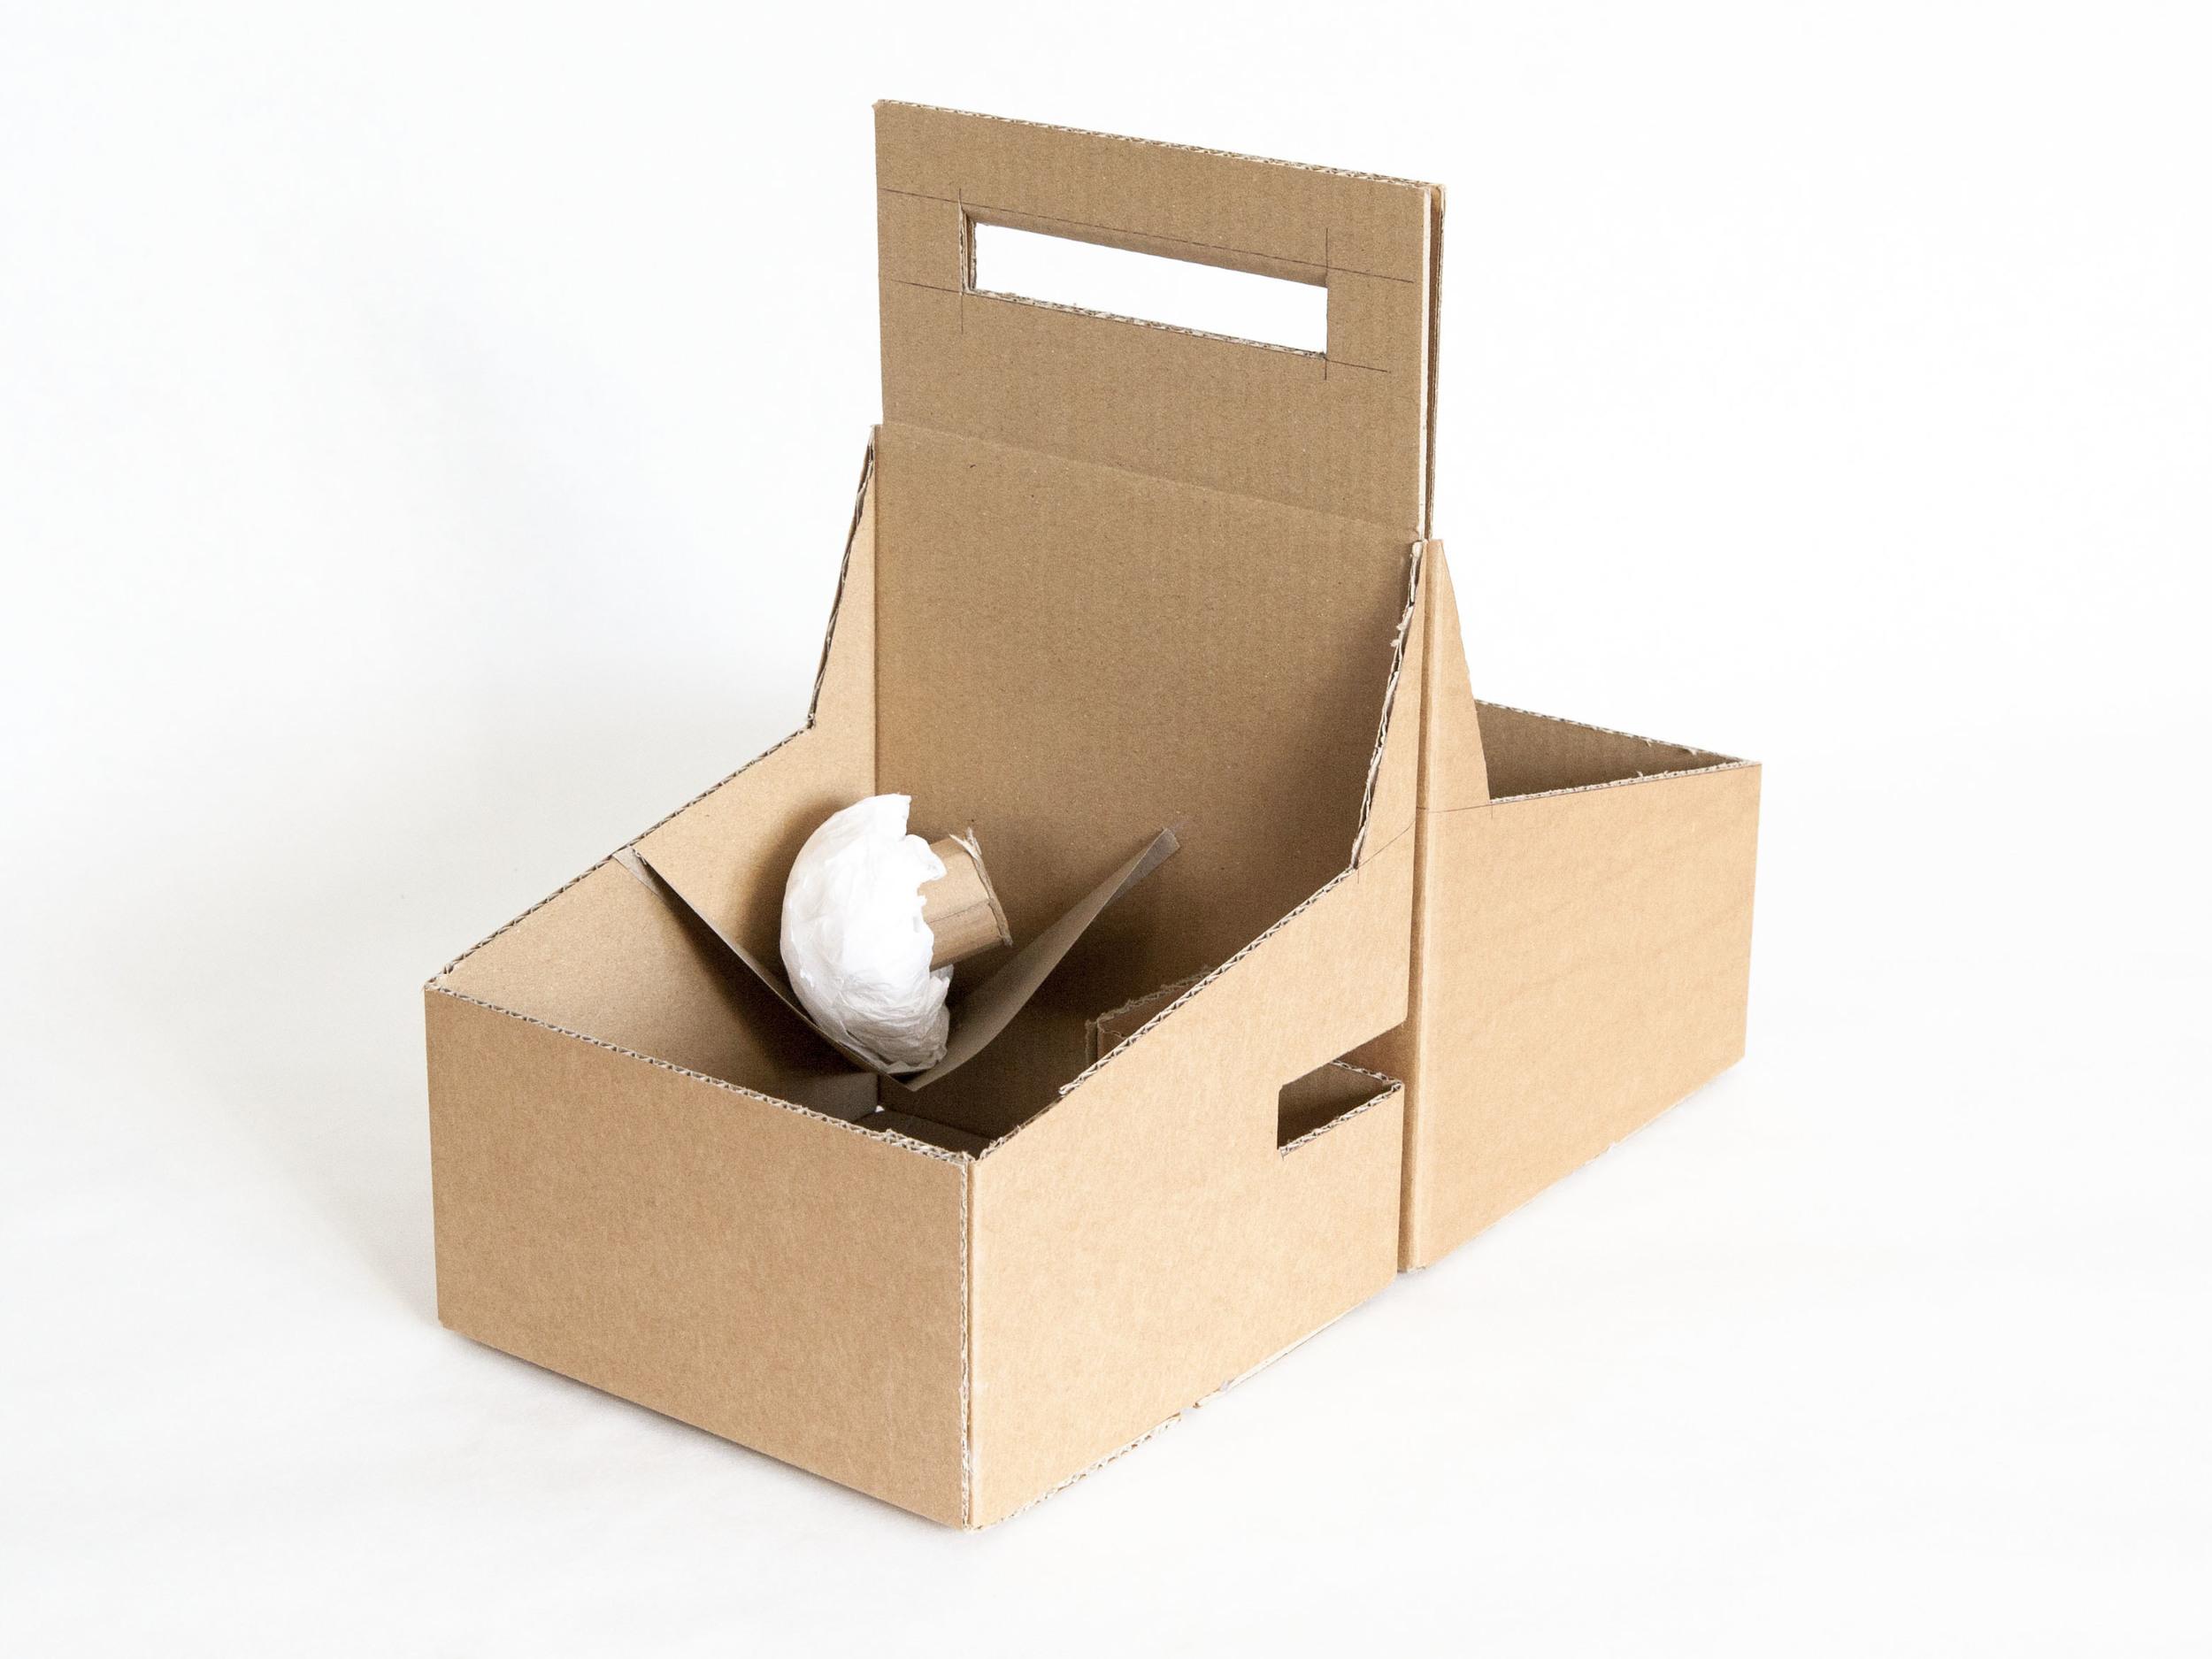 packaging_prozess_kreativkonsum05.jpg